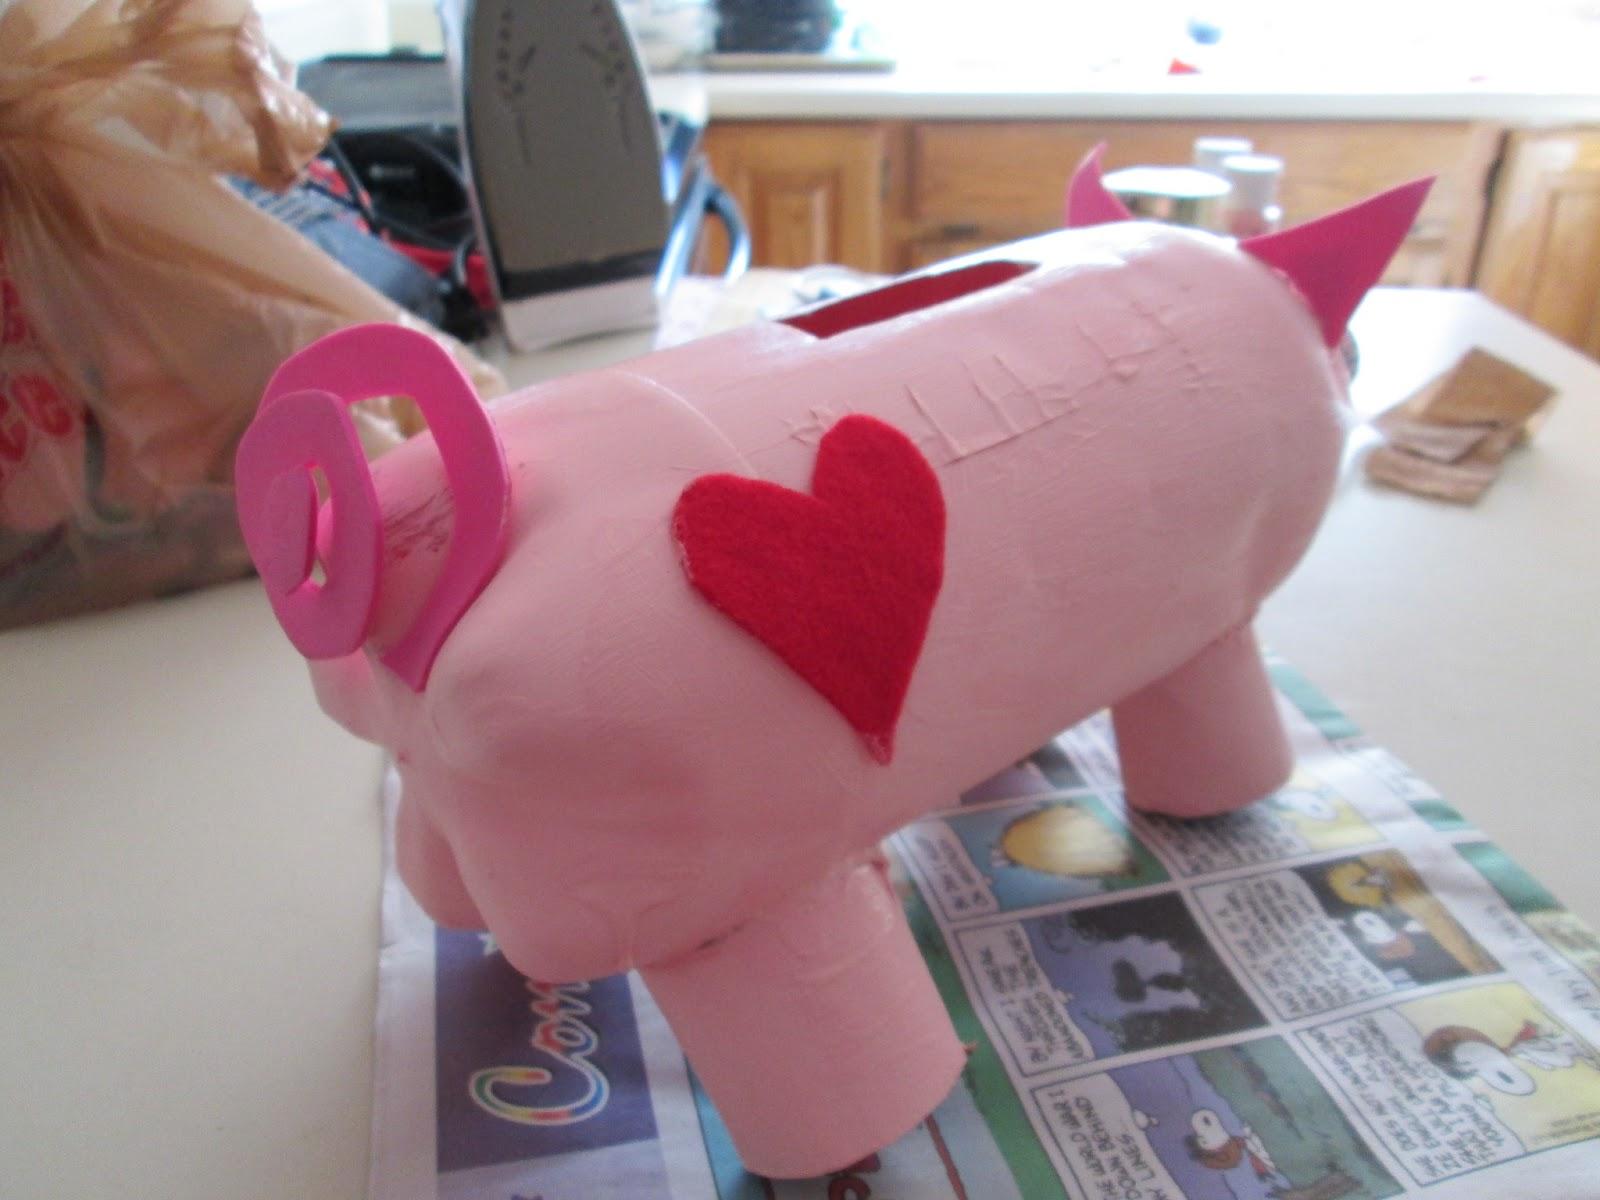 Schön Wonderful Pig Valentine Box Images   Valentine Gift Ideas .